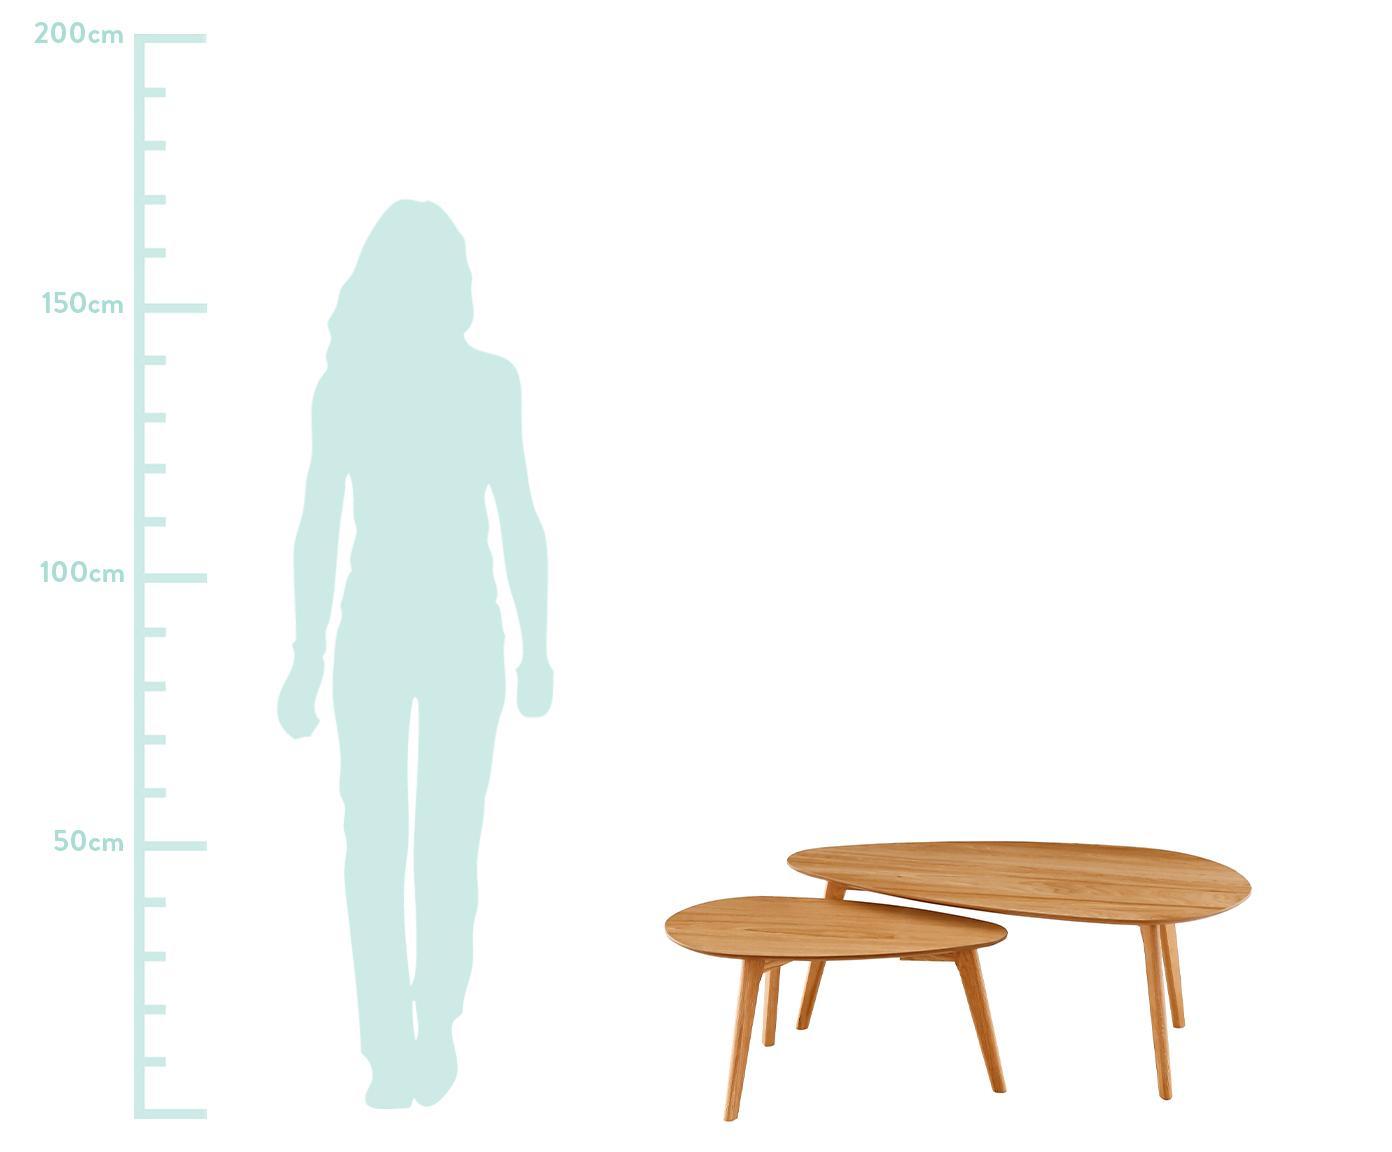 Set de mesas de centro en roble Bloom, 2uds., Tablero: fibras de densidad media , Patas: madera de roble, Roble, Tamaños diferentes